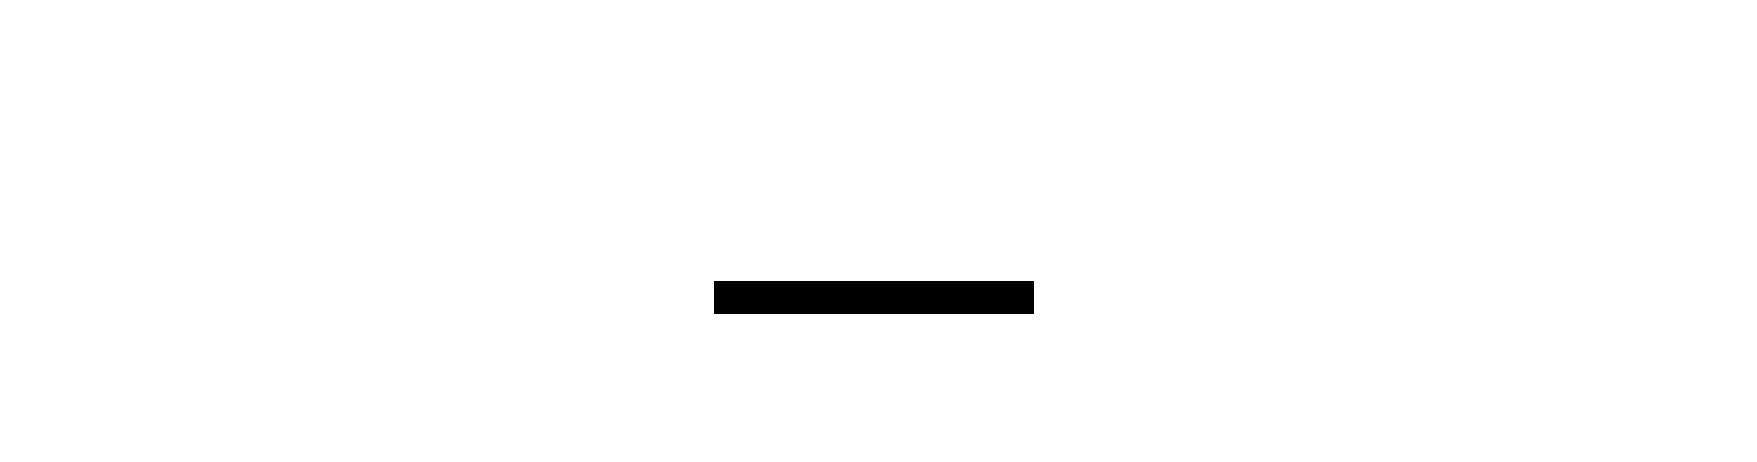 LepageIllus-copie-8